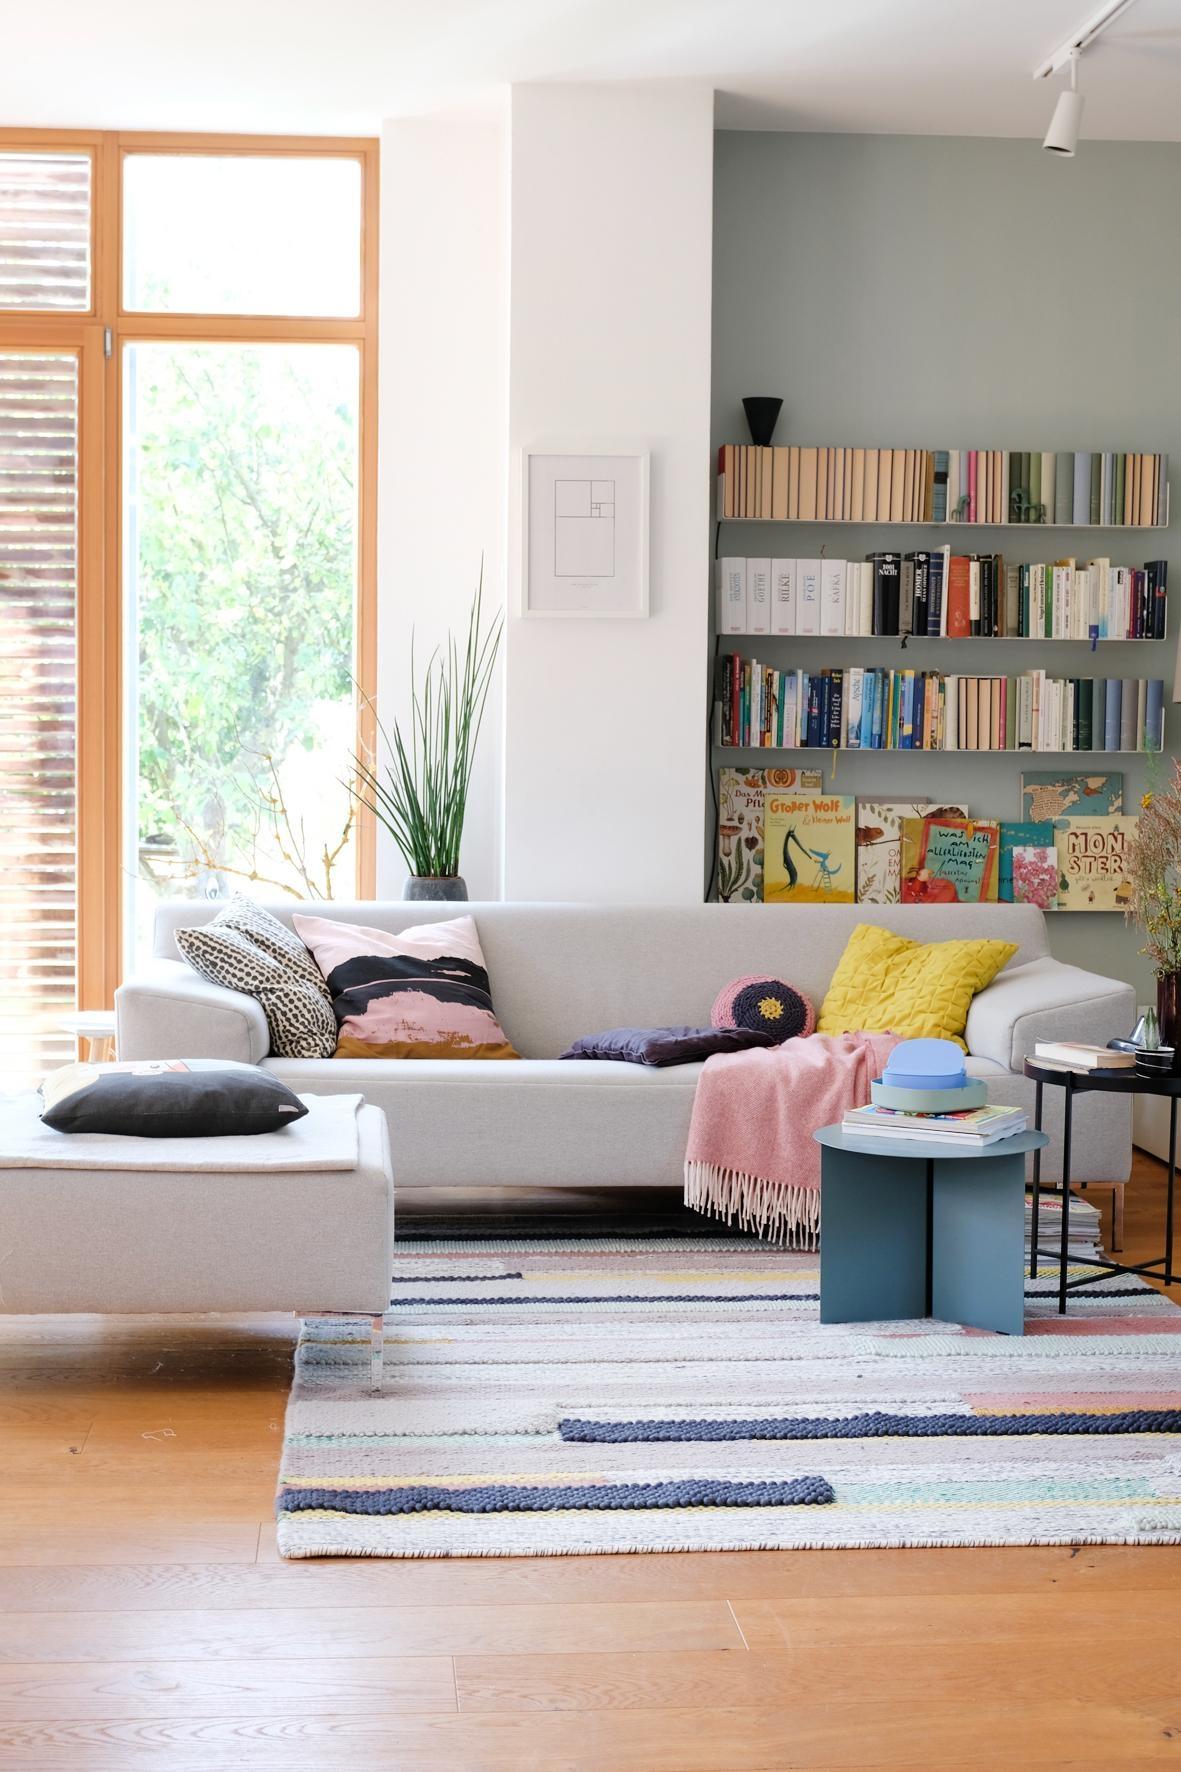 Herbstbunt Im #Wohnzimmer #interior #home #hygge #sofa #couch #wandfarbe